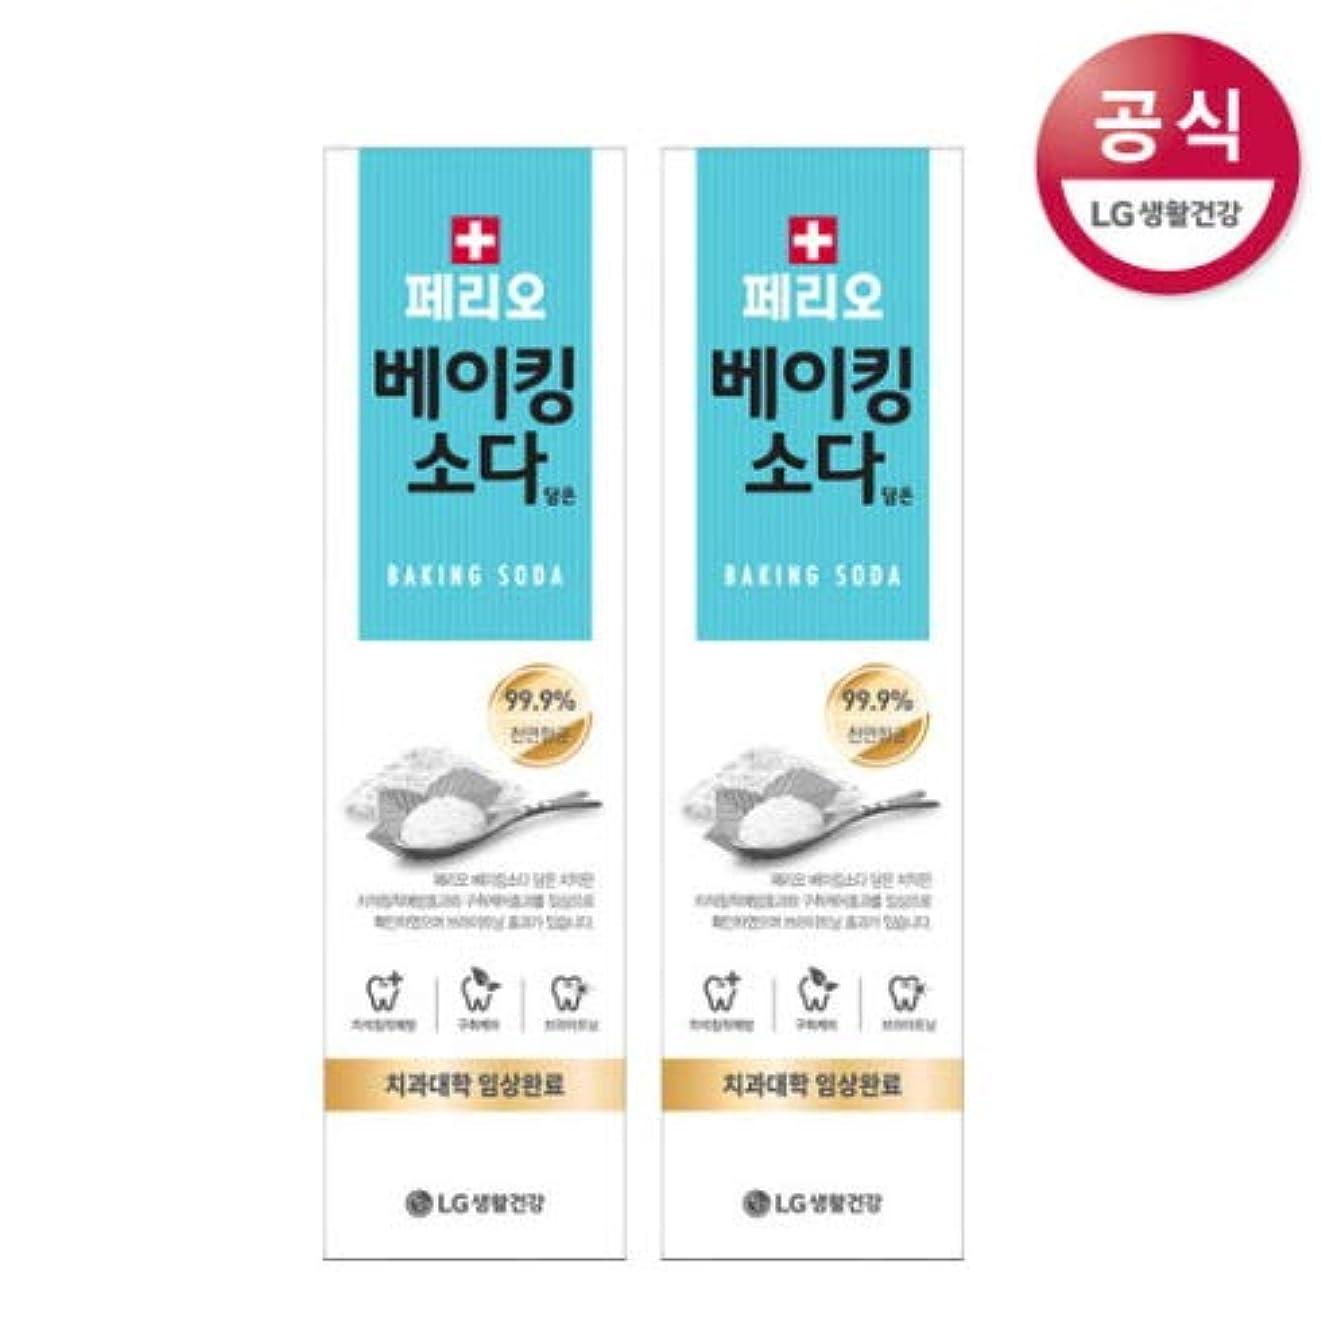 おとなしい栄光の使い込む[LG HnB] Perio baking soda toothpaste/ペリオ重曹歯磨き粉 100gx2個(海外直送品)